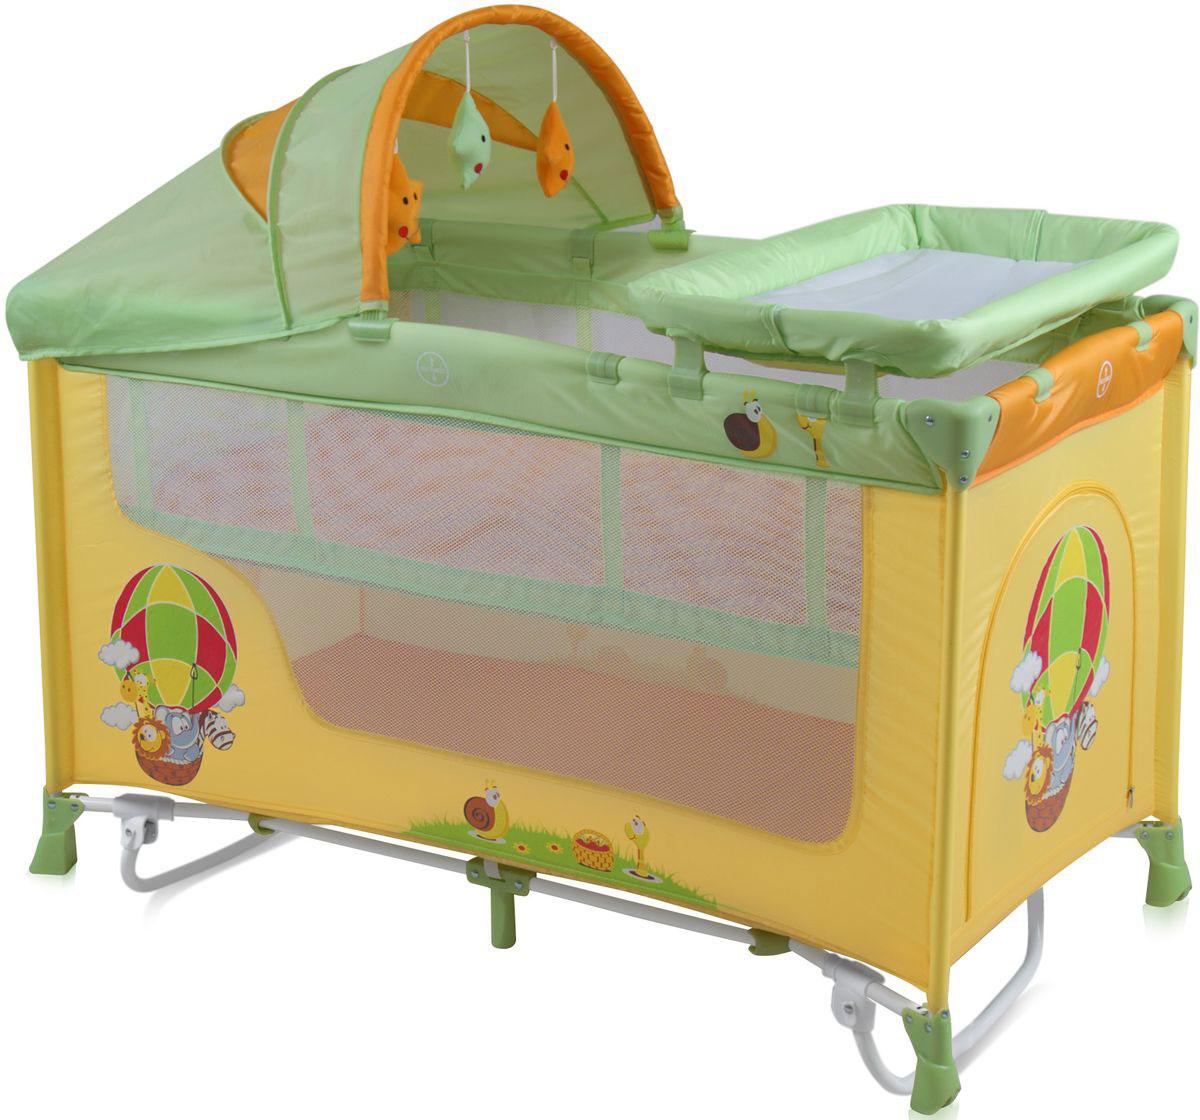 Lorelli Манеж-кроватка Nanny 2 Plus Rocker цвет желтый салатовый -  Детская комната